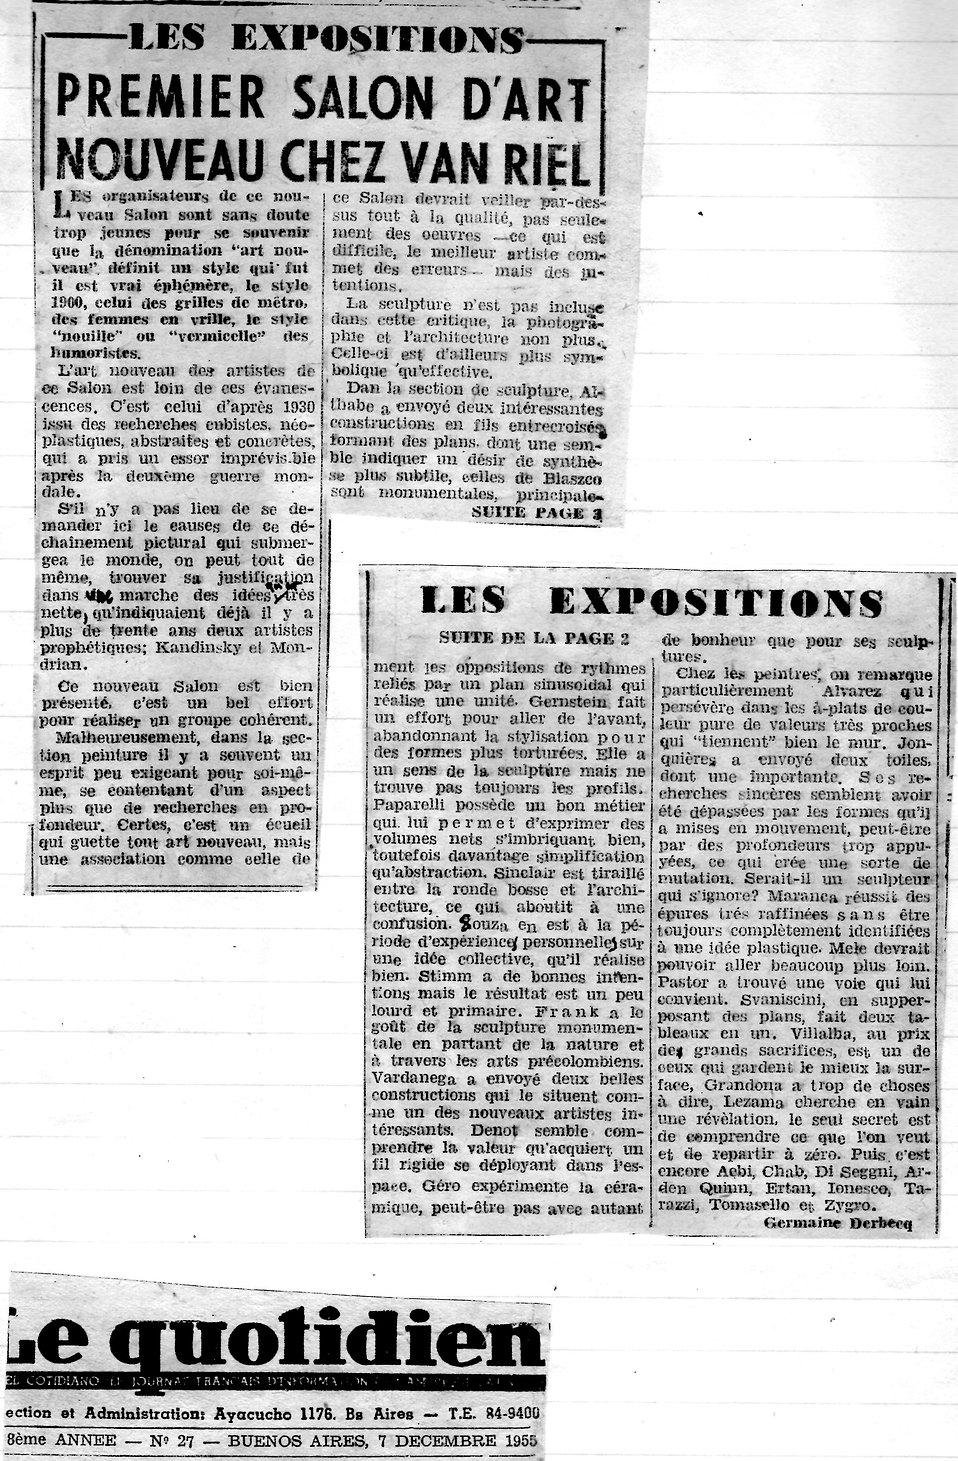 Le Quotidien2 (Premier salon d'art nouve